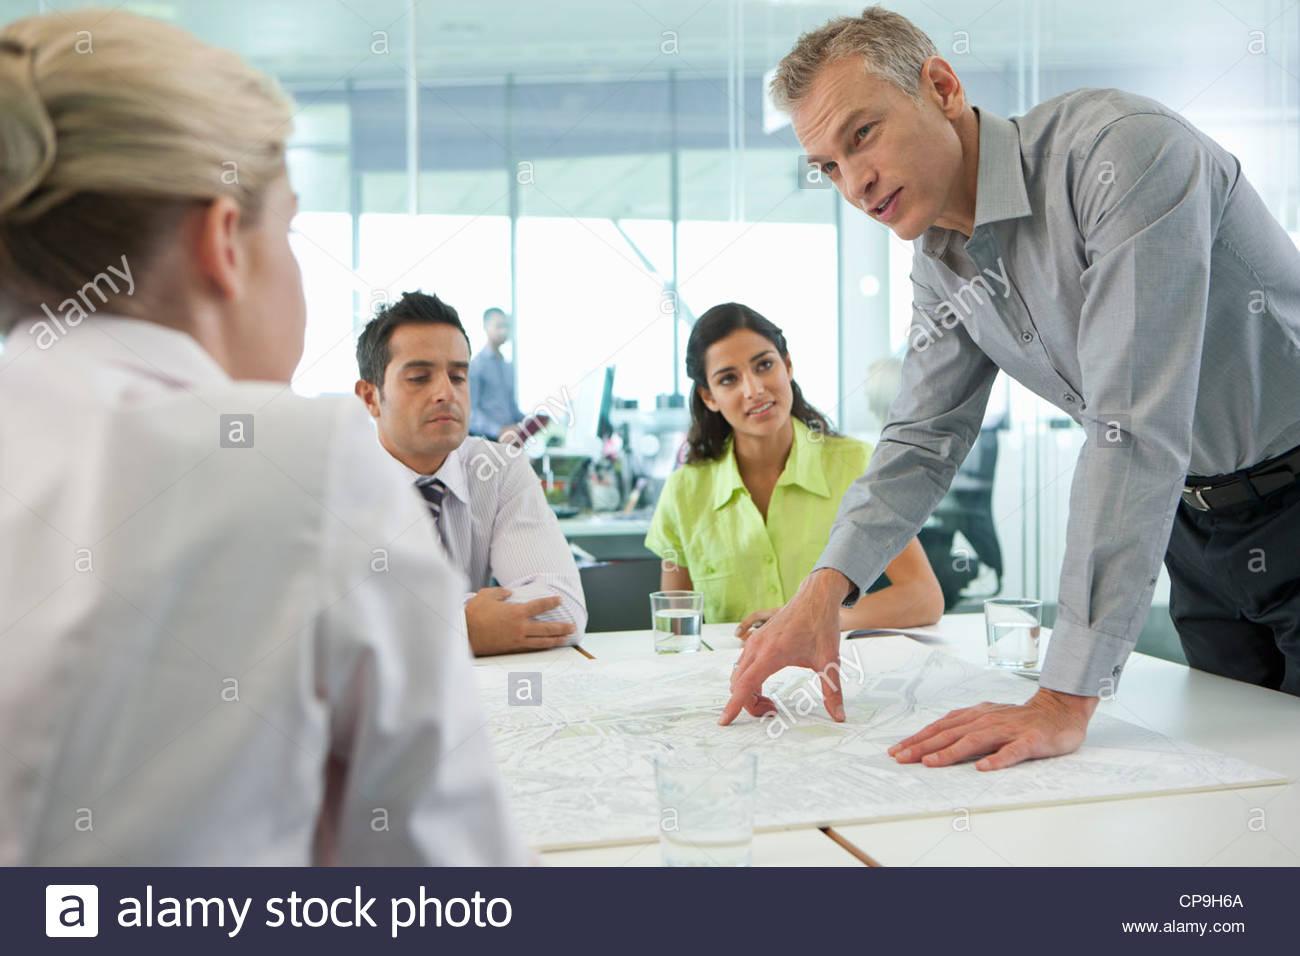 Les gens d'affaires de discuter la carte dans la salle de conférence Photo Stock